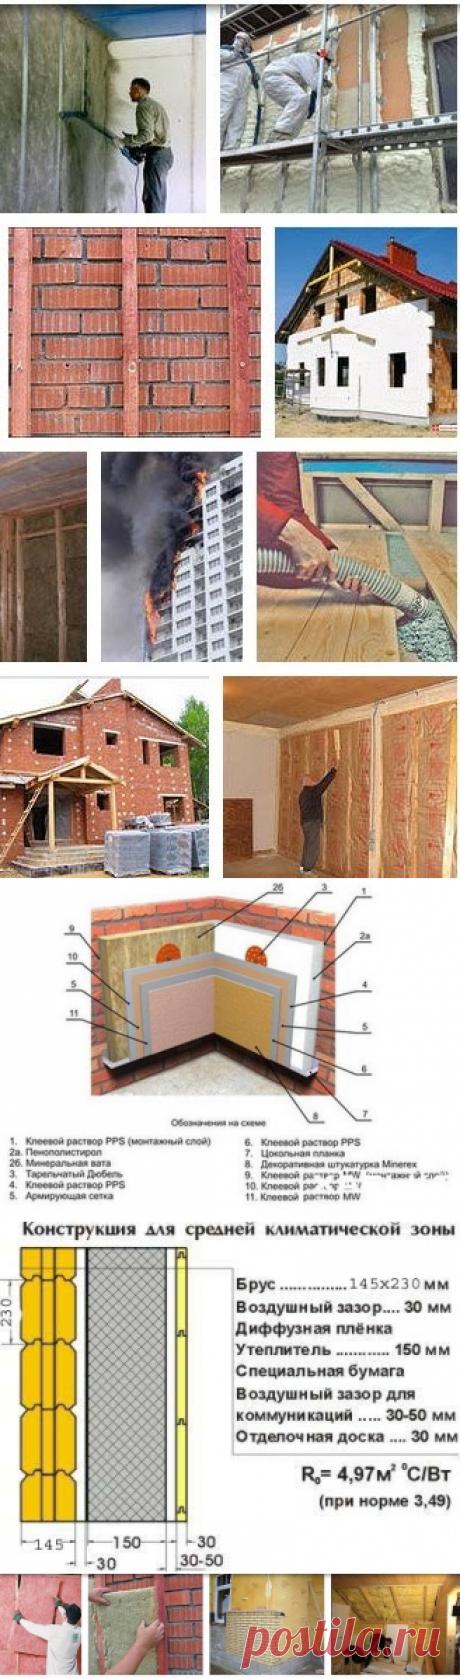 Как самостоятельно утеплить фасад, стены, пол и крышу дома или дачи своими руками. Основные проверенные методики и технологии самостоятельного утепления загородных домов - Ремонт и дизайн дома своими руками